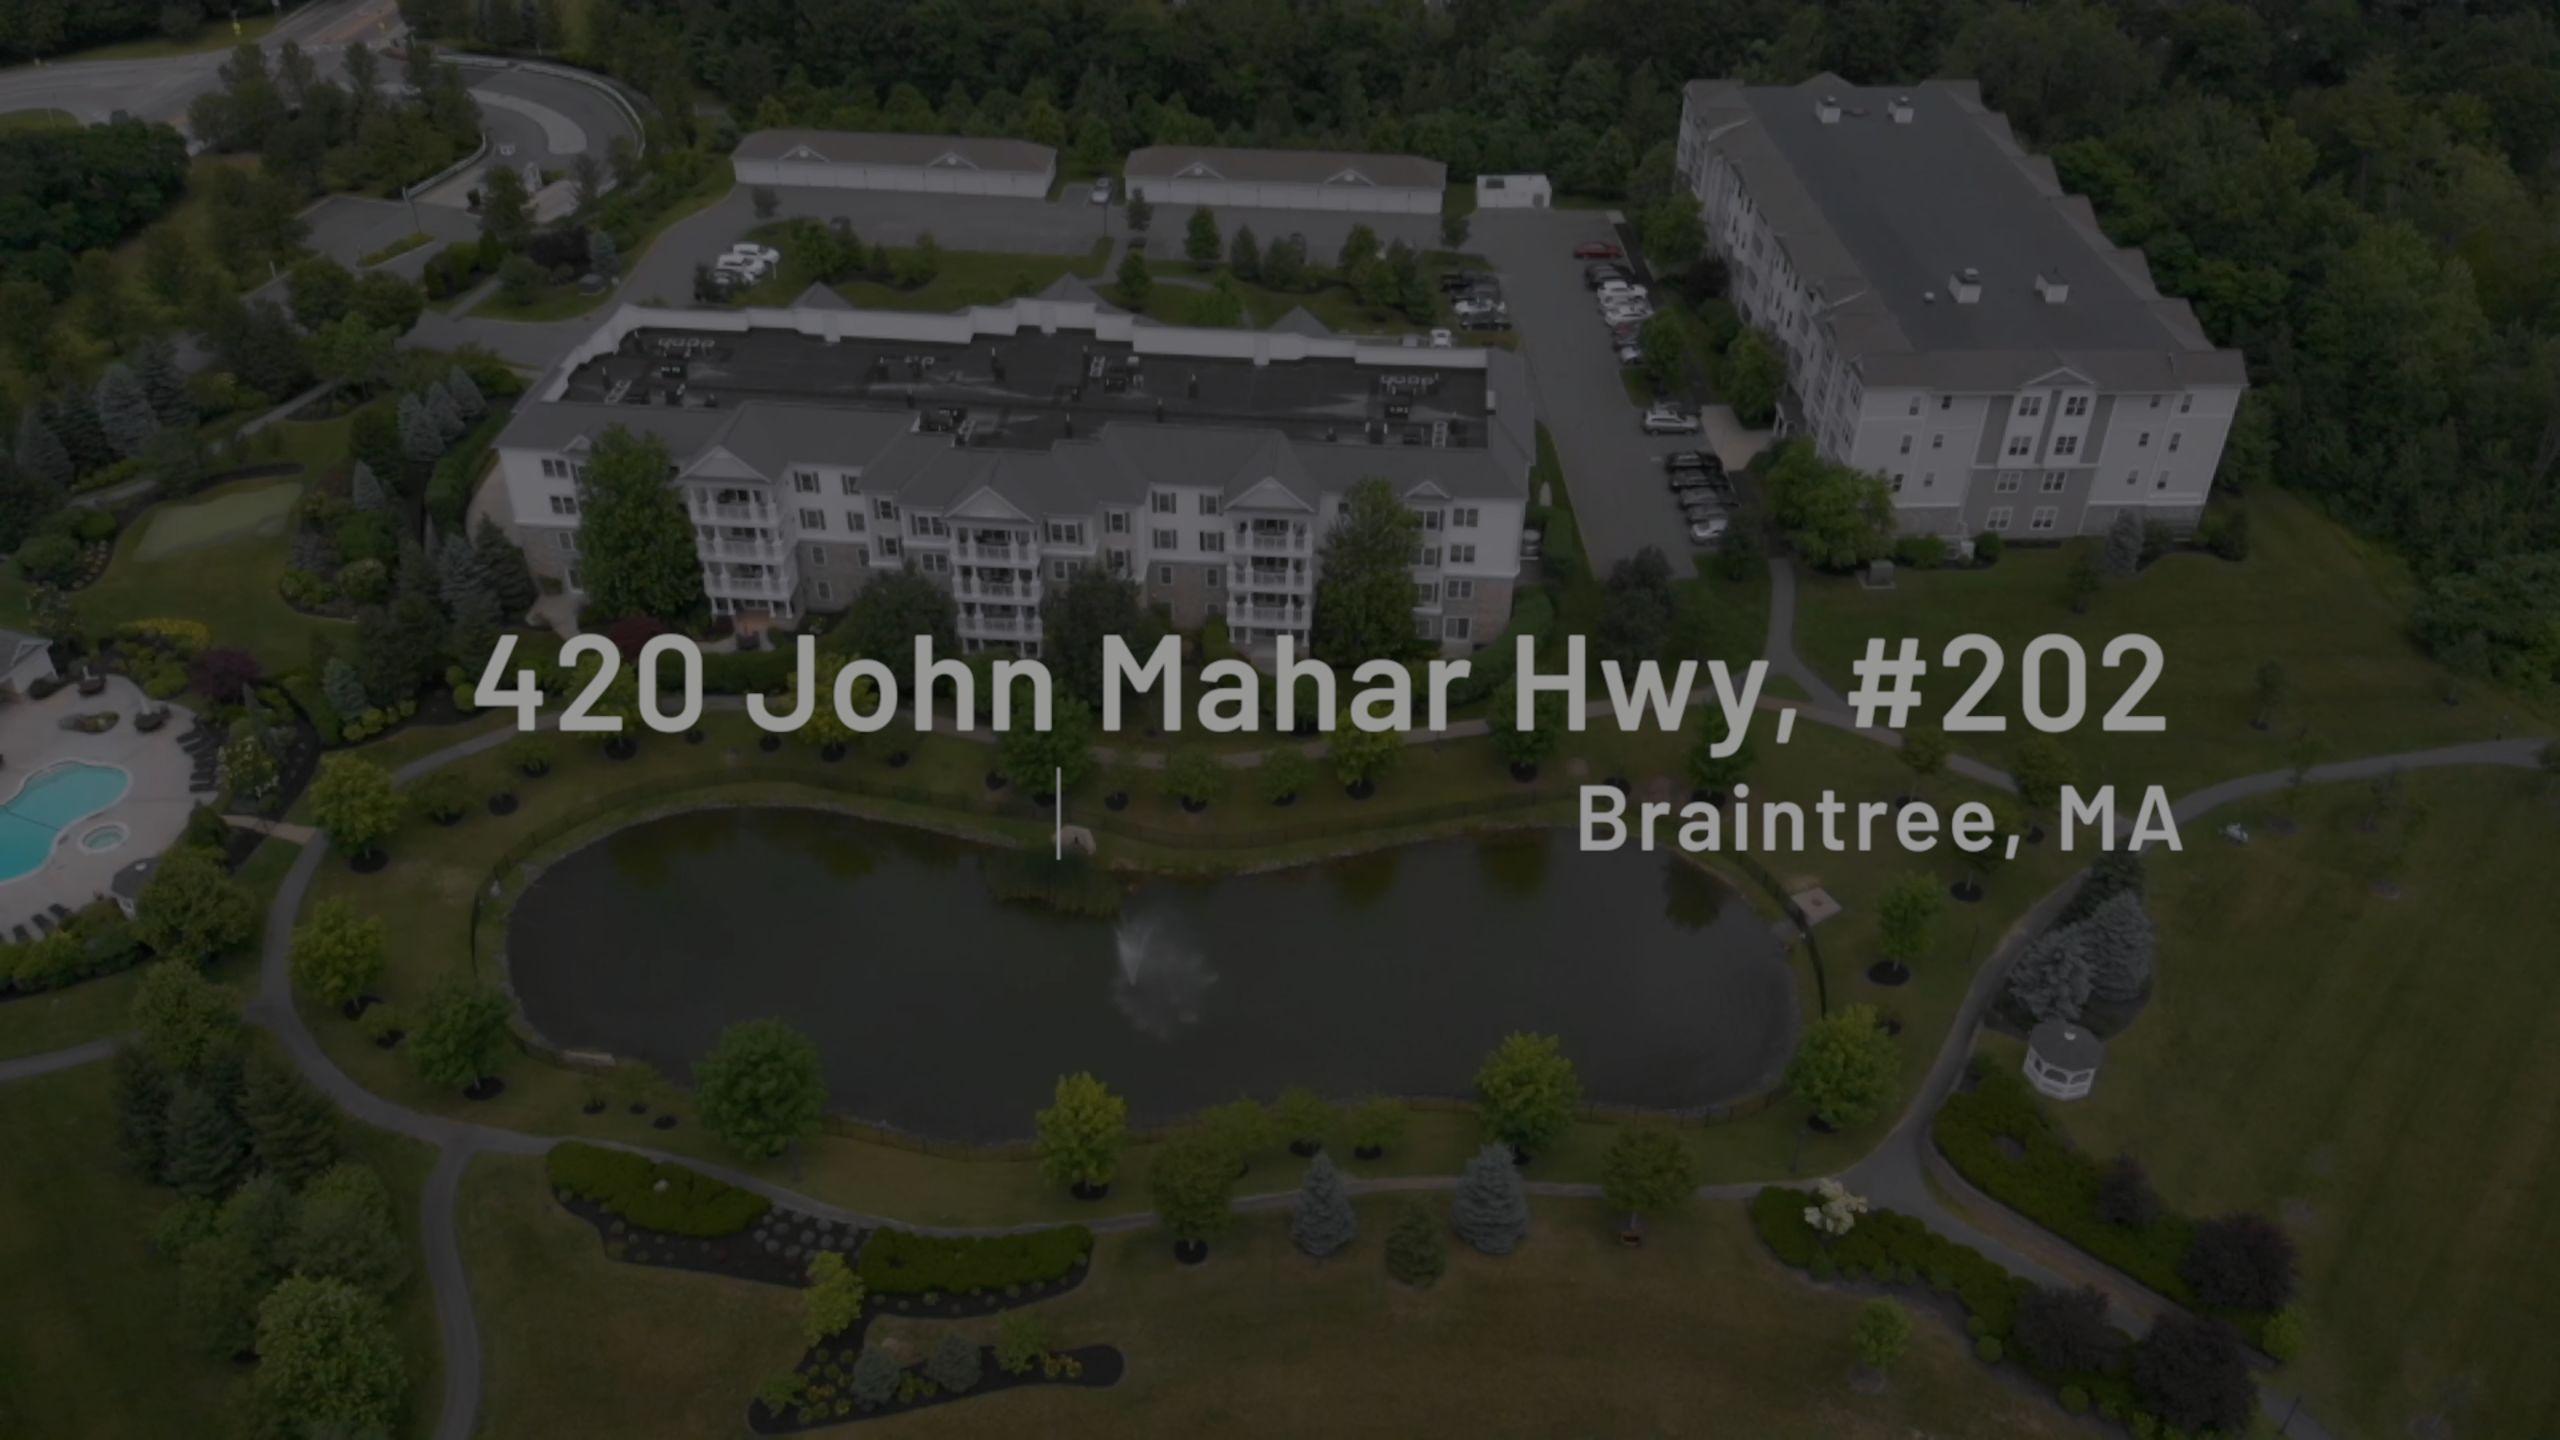 420 John Mahar Hwy #202 Braintree